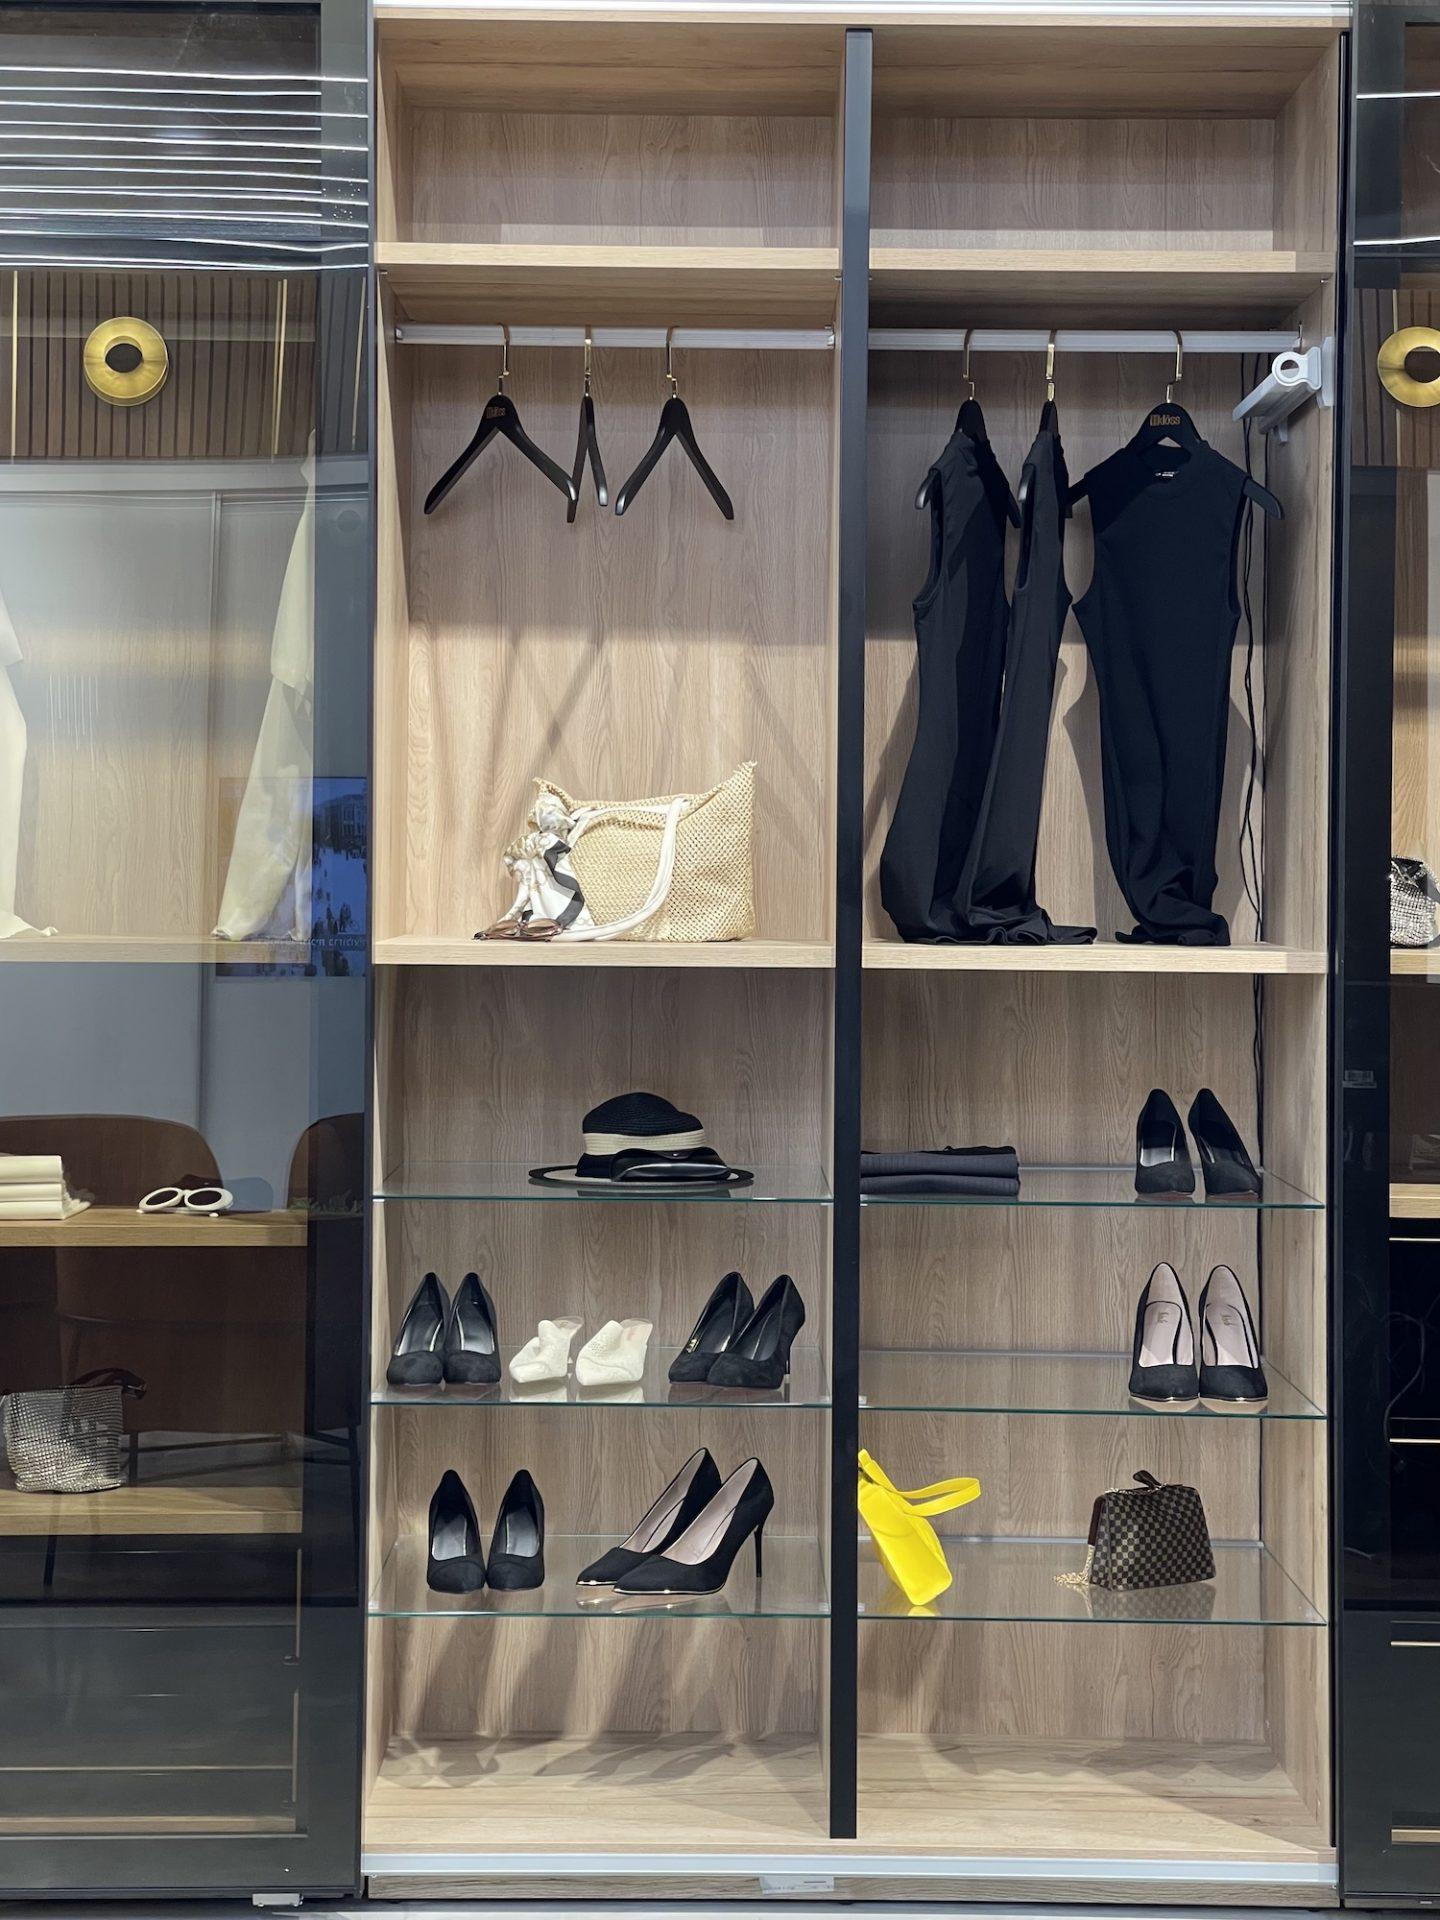 עיצוב חדר ארונות הזזה קלוס במתחם העיצוב רידיזיין redesign5